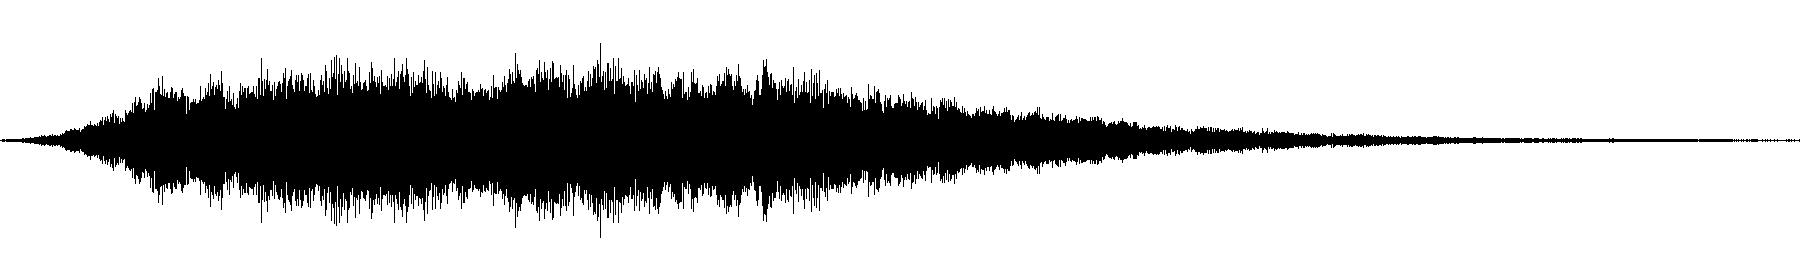 synth choir b